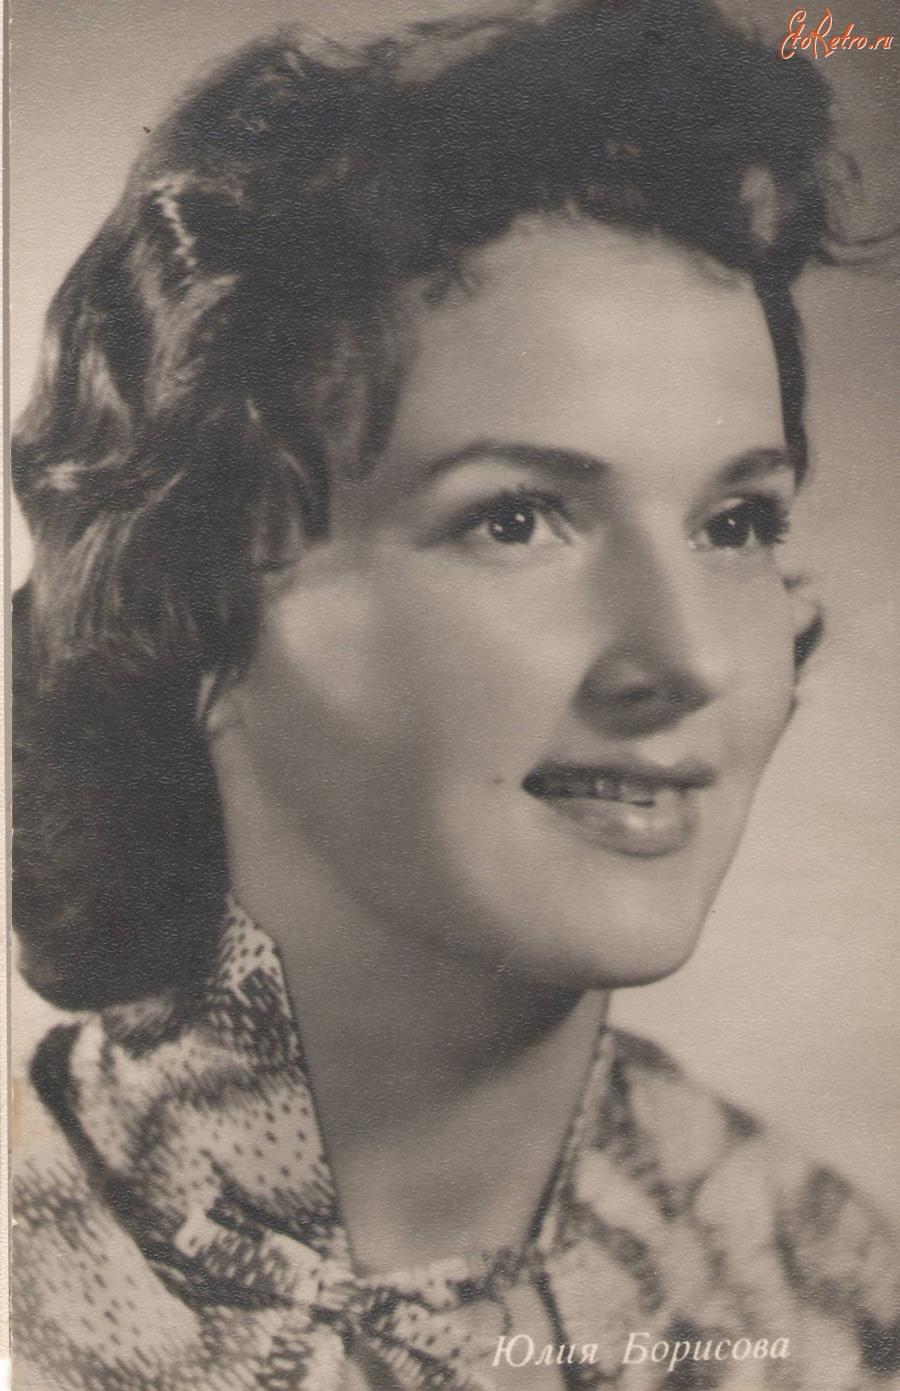 Екатерина райкина биография личная жизнь жена дети фото